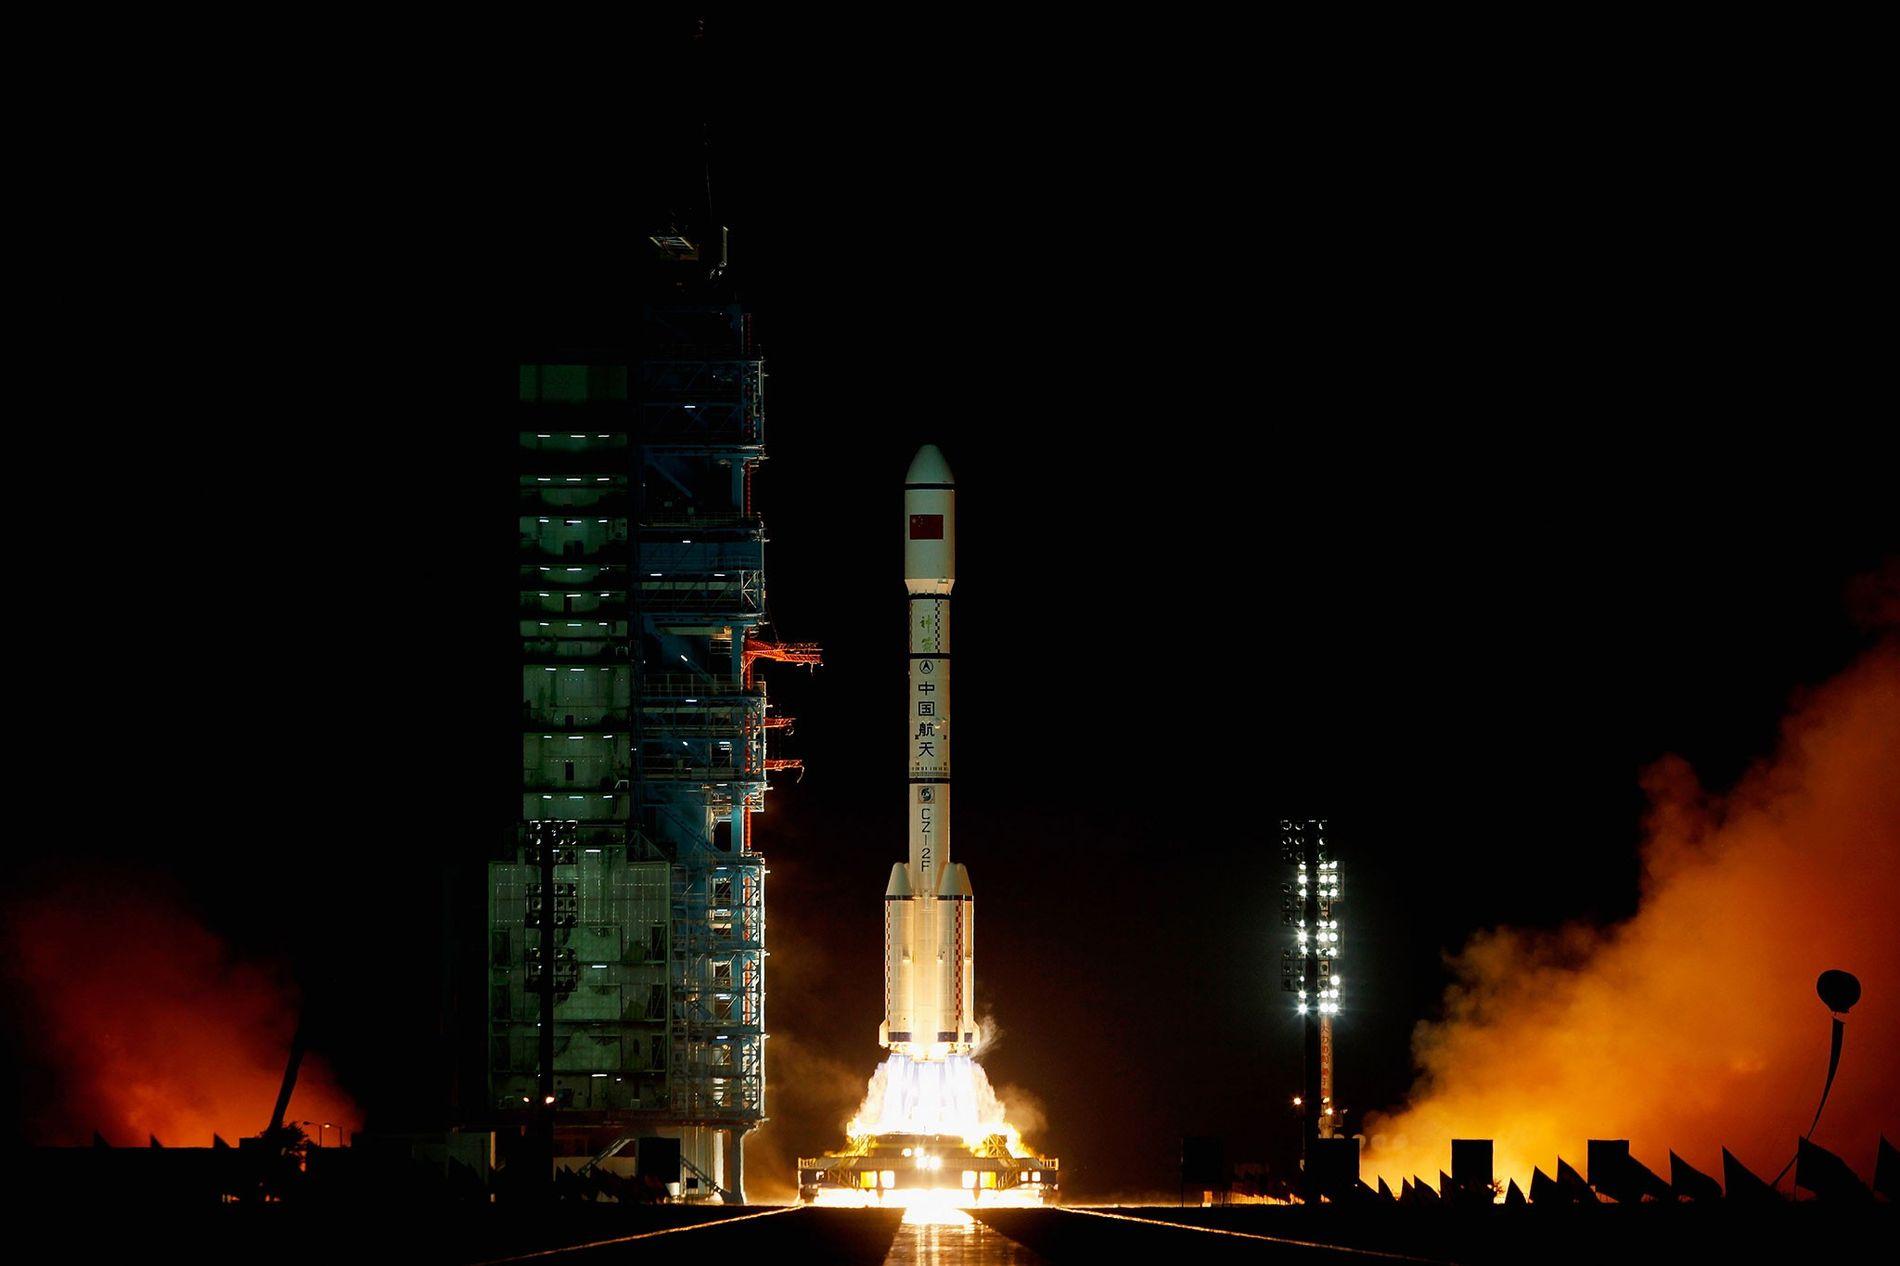 Eine Rakete des Typ Long March 2F startete am 29. September 2011 mit dem ersten Modul der Raumstation Tiangong-1 ins Weltall.